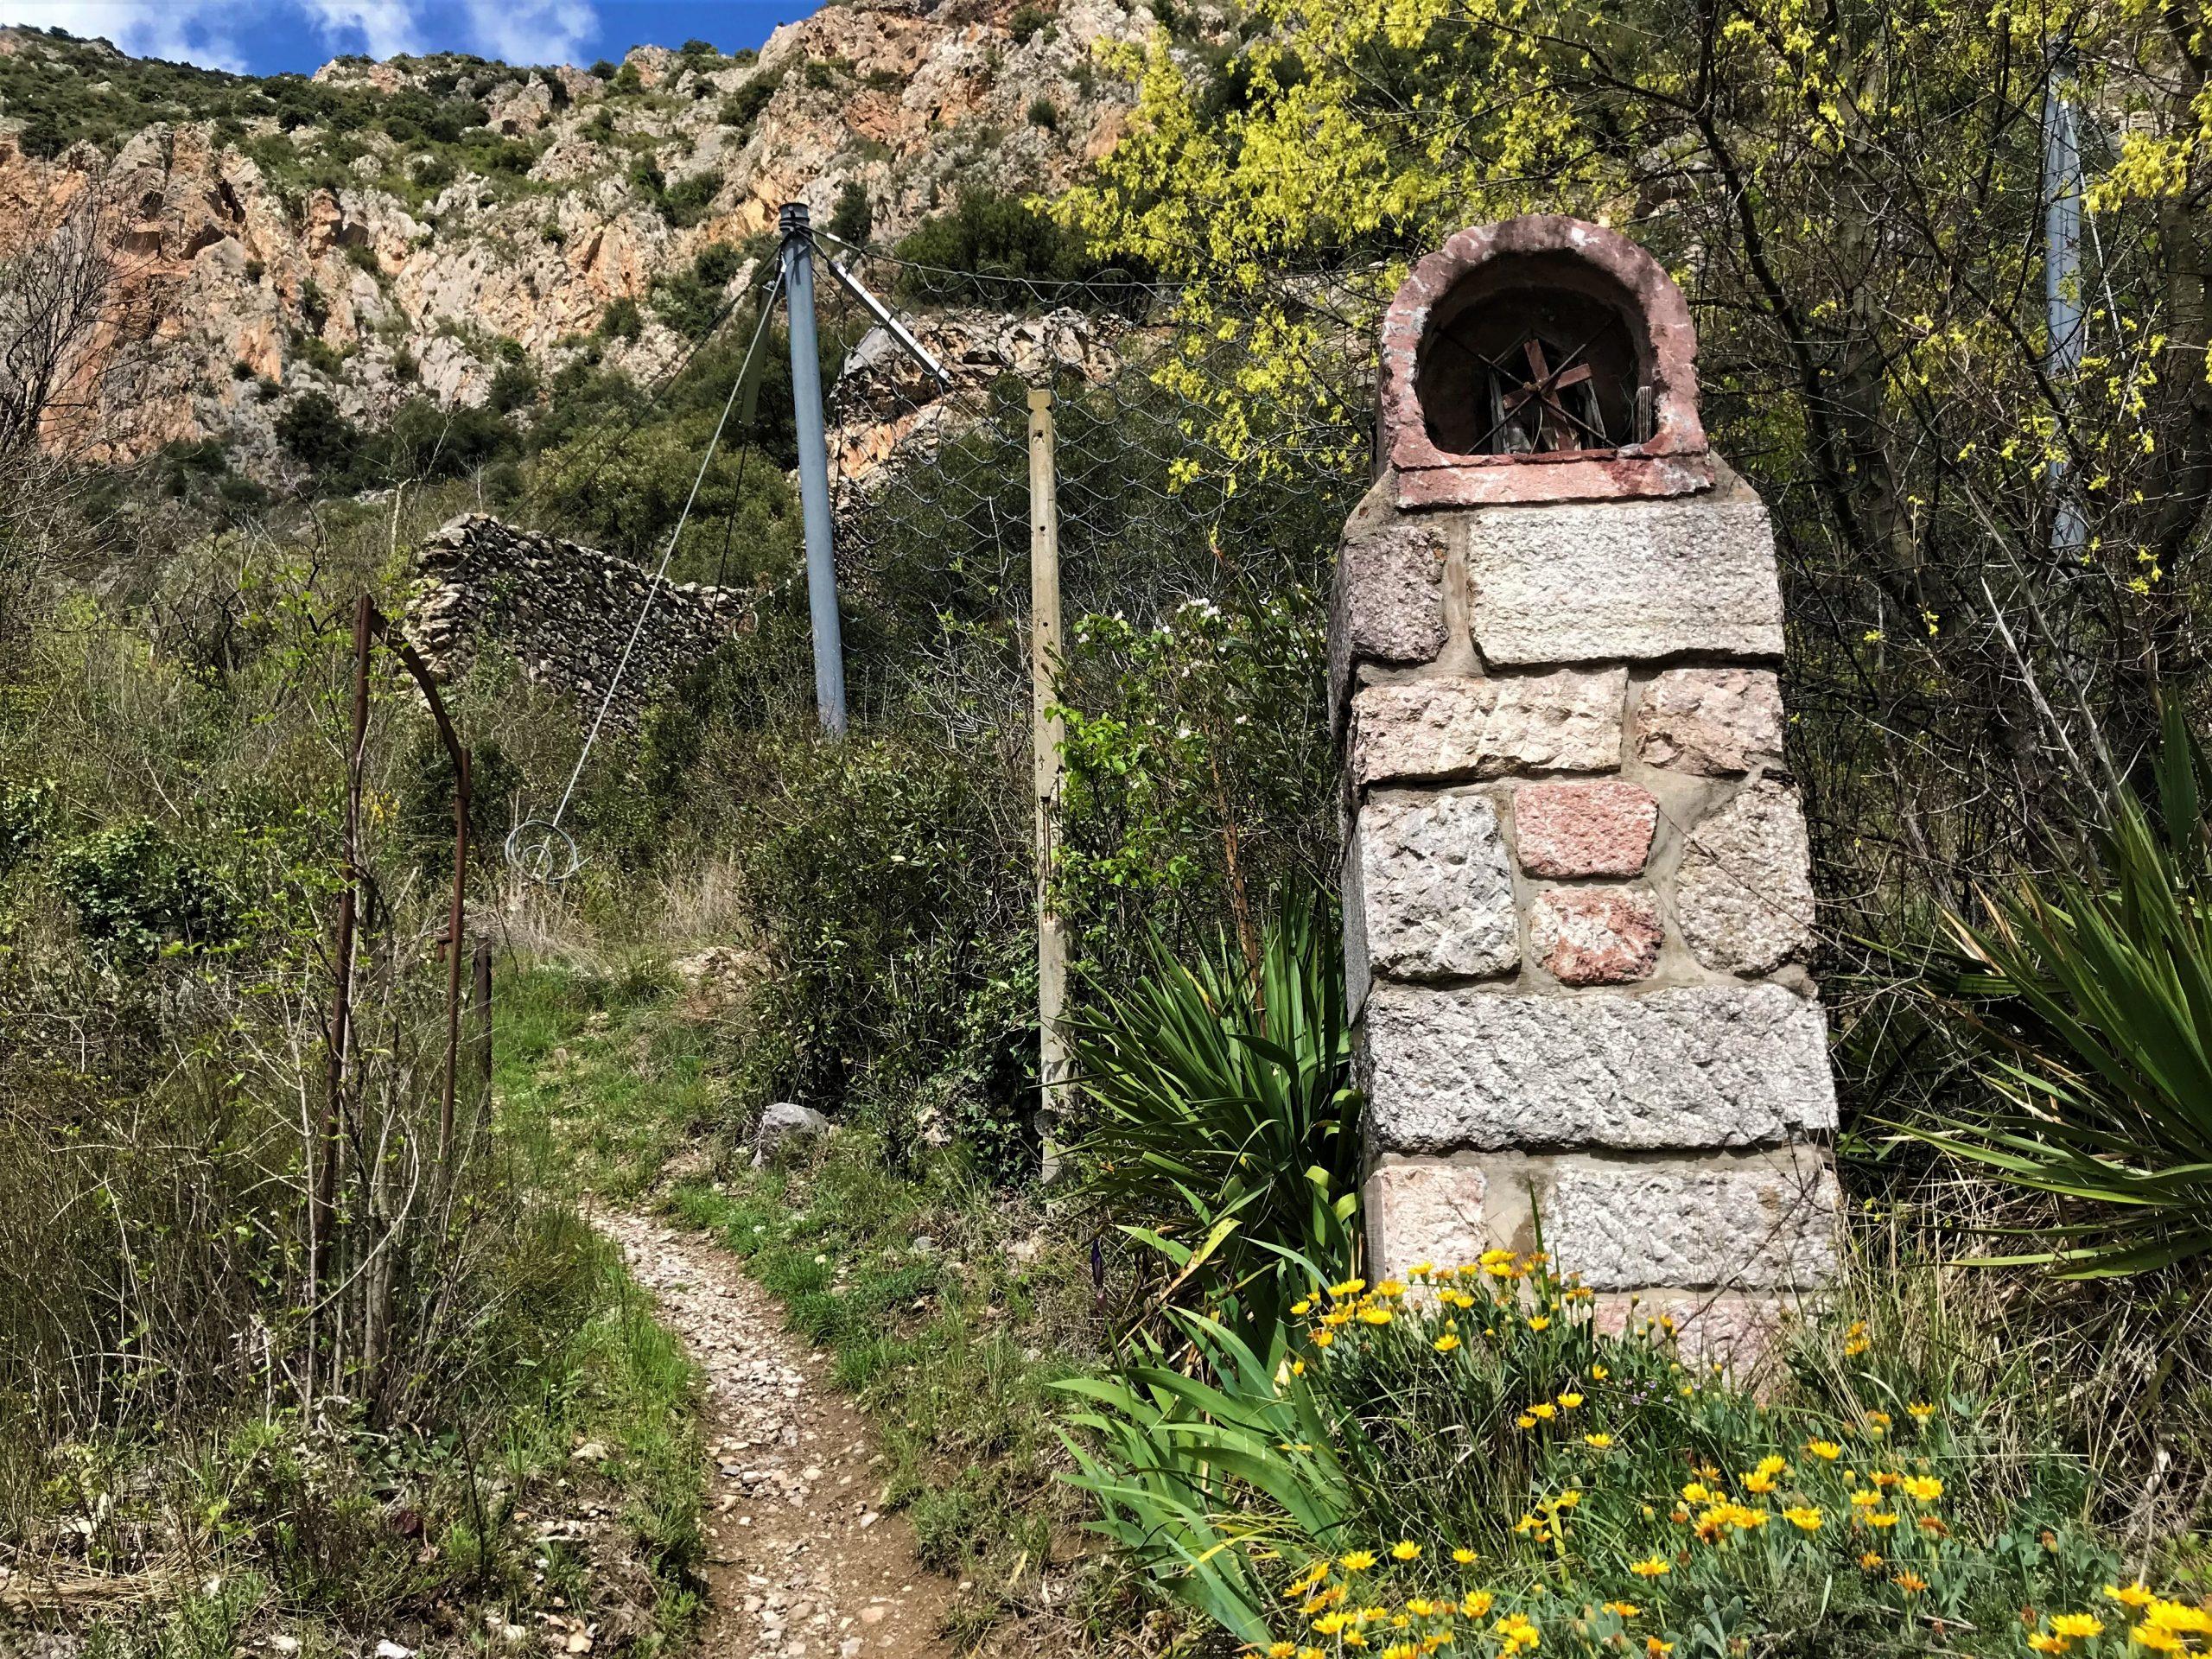 chapelle notre dame de vie grottes oratoire sentier